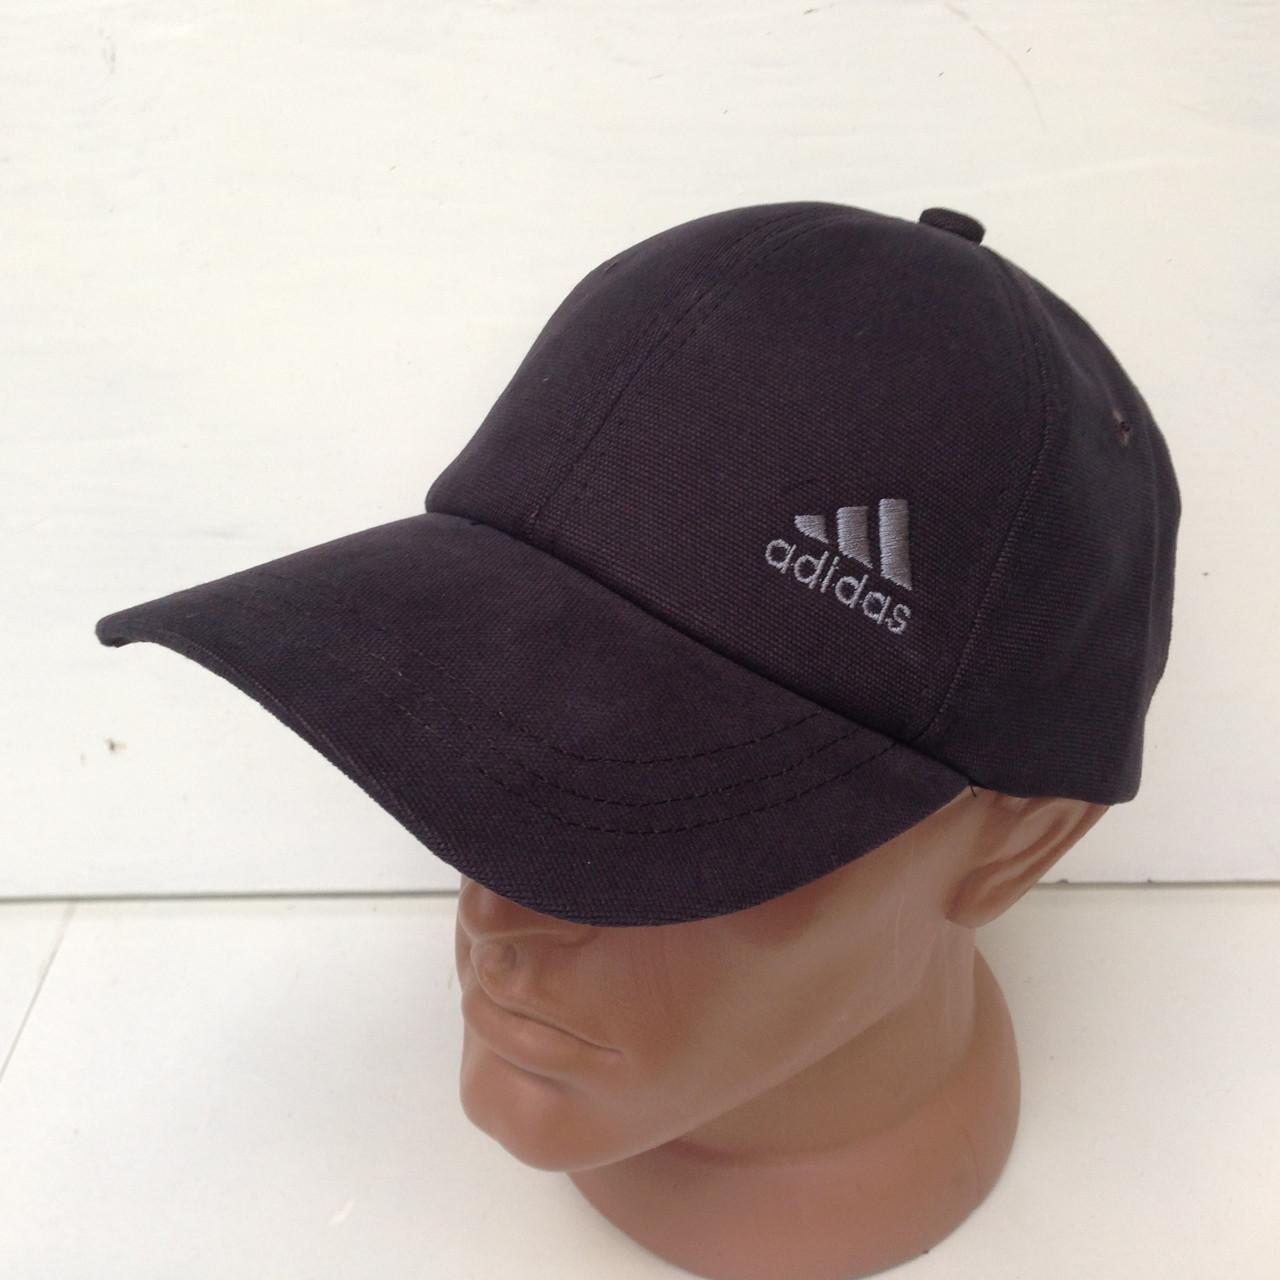 Кепка  Adidas мужская котоновая темно\серая, весна\осень